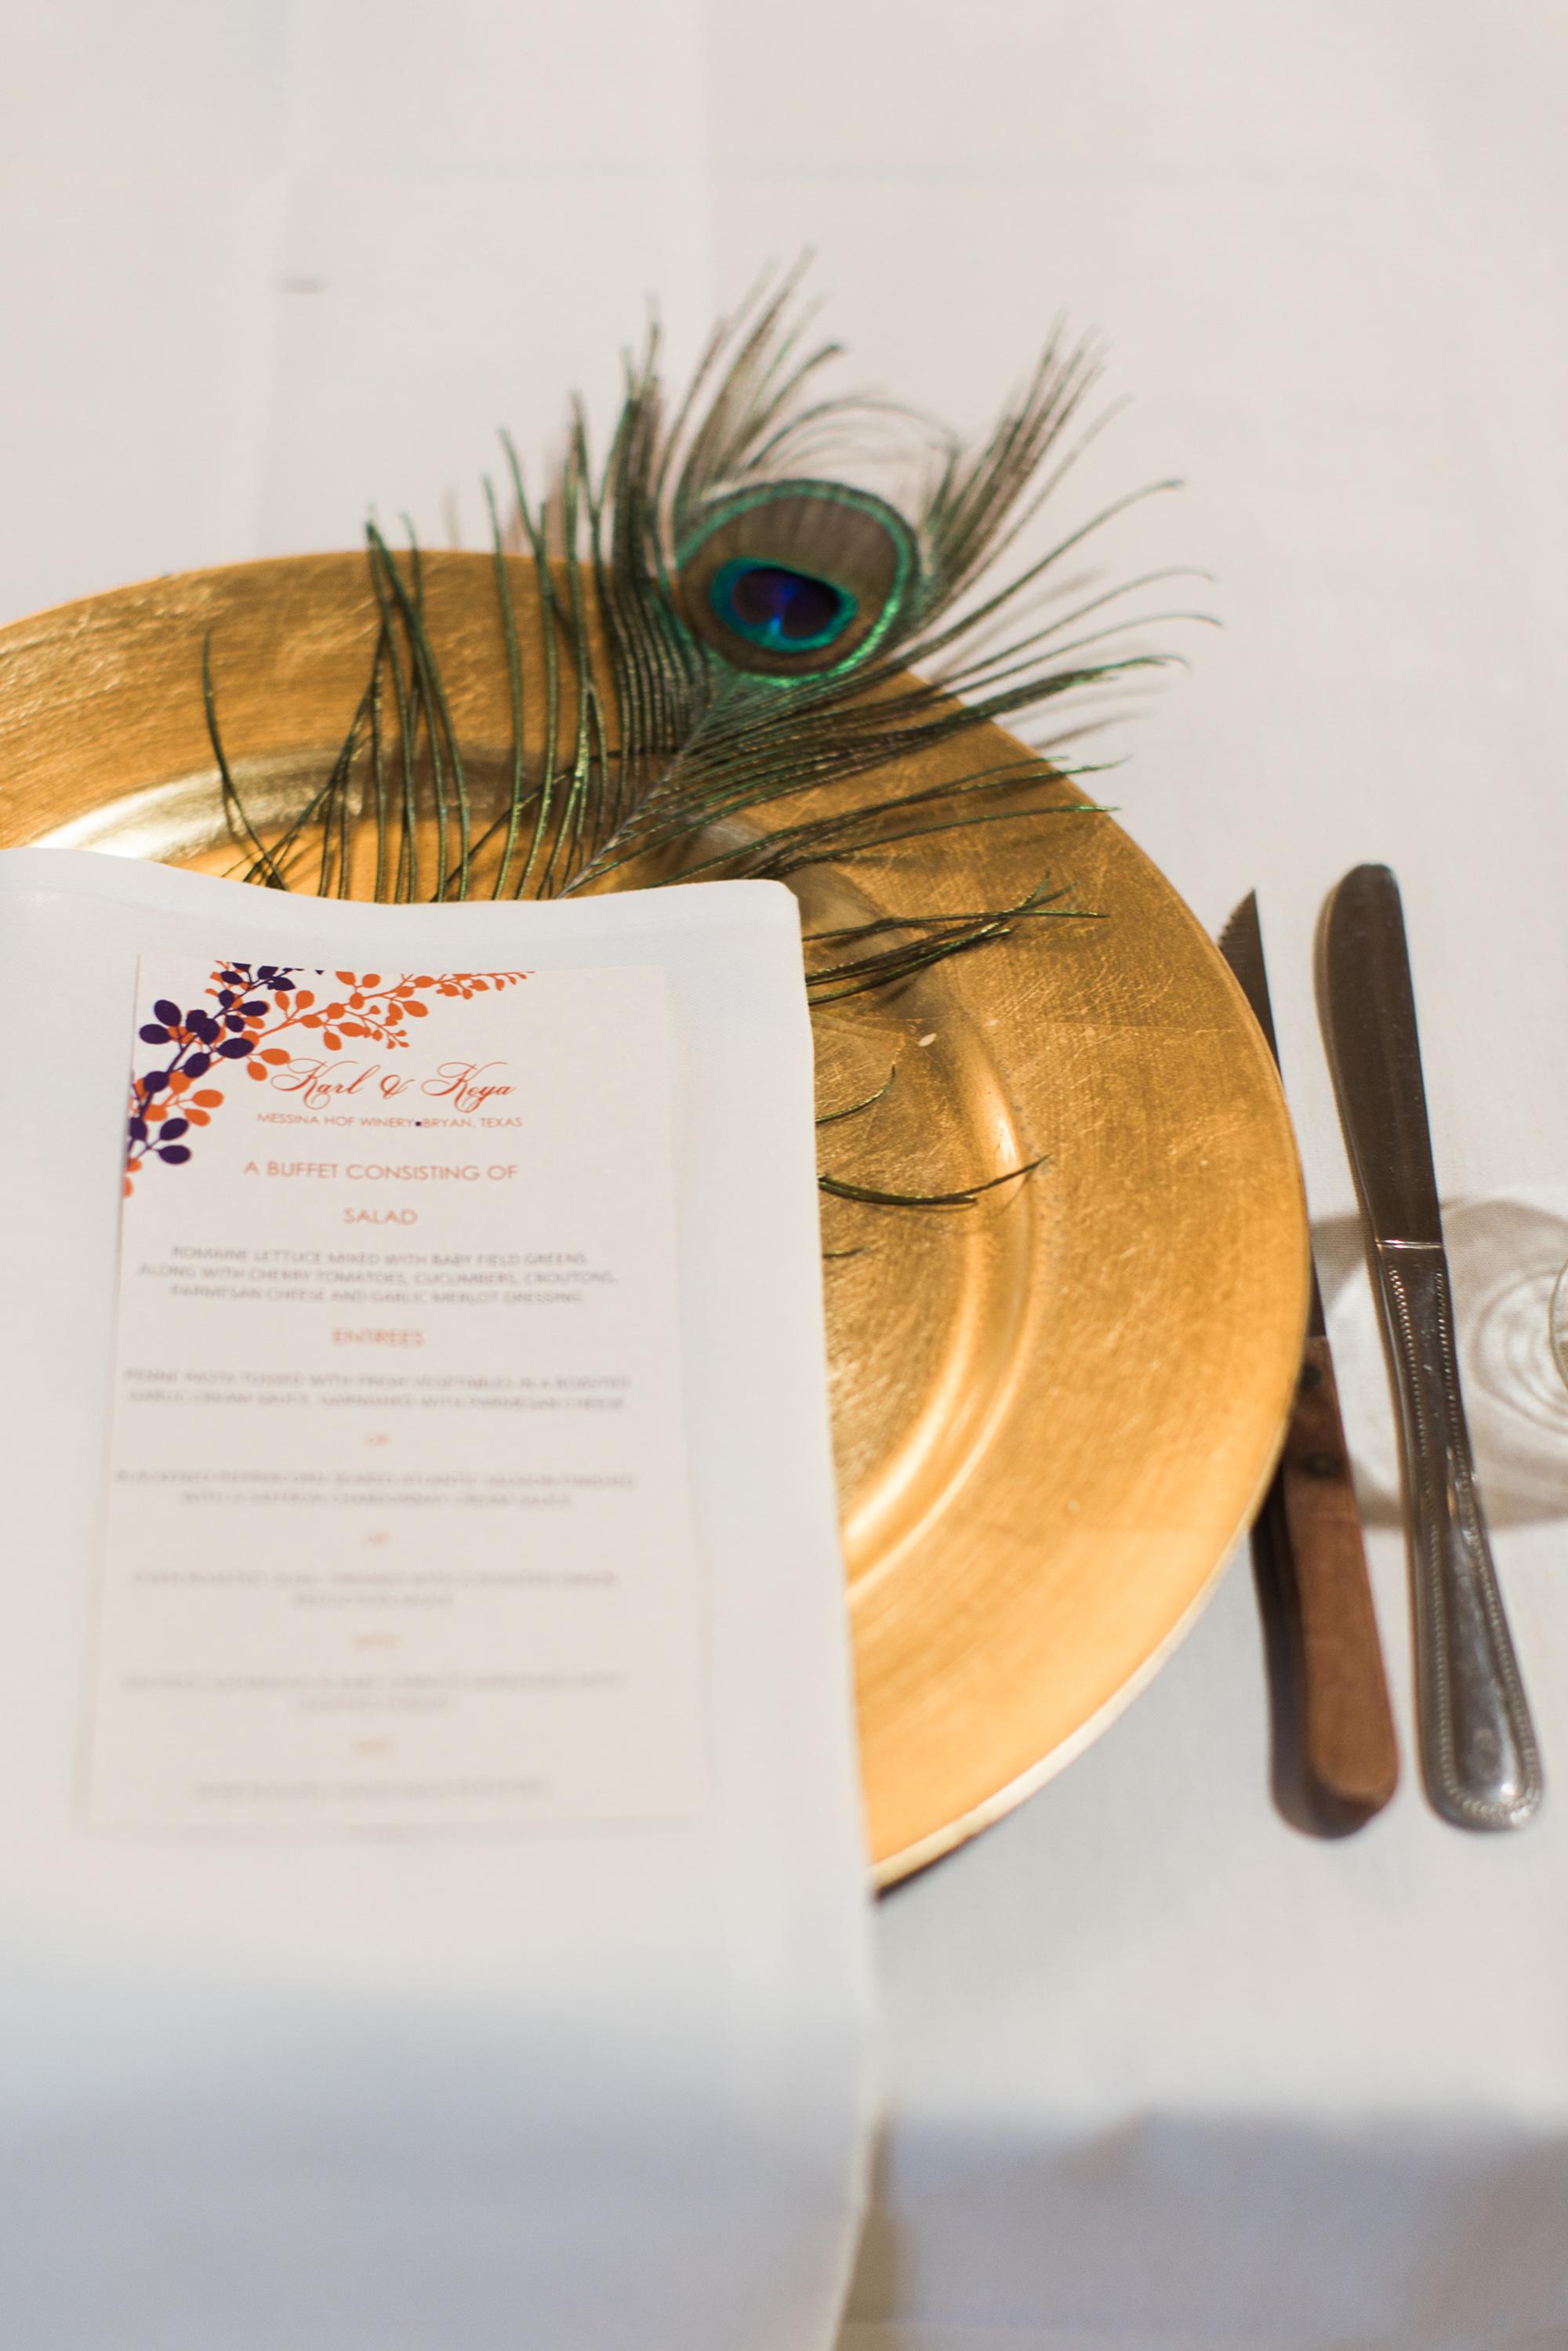 407aa-messina-hof-wedding-49messina-hof-wedding-49.jpg